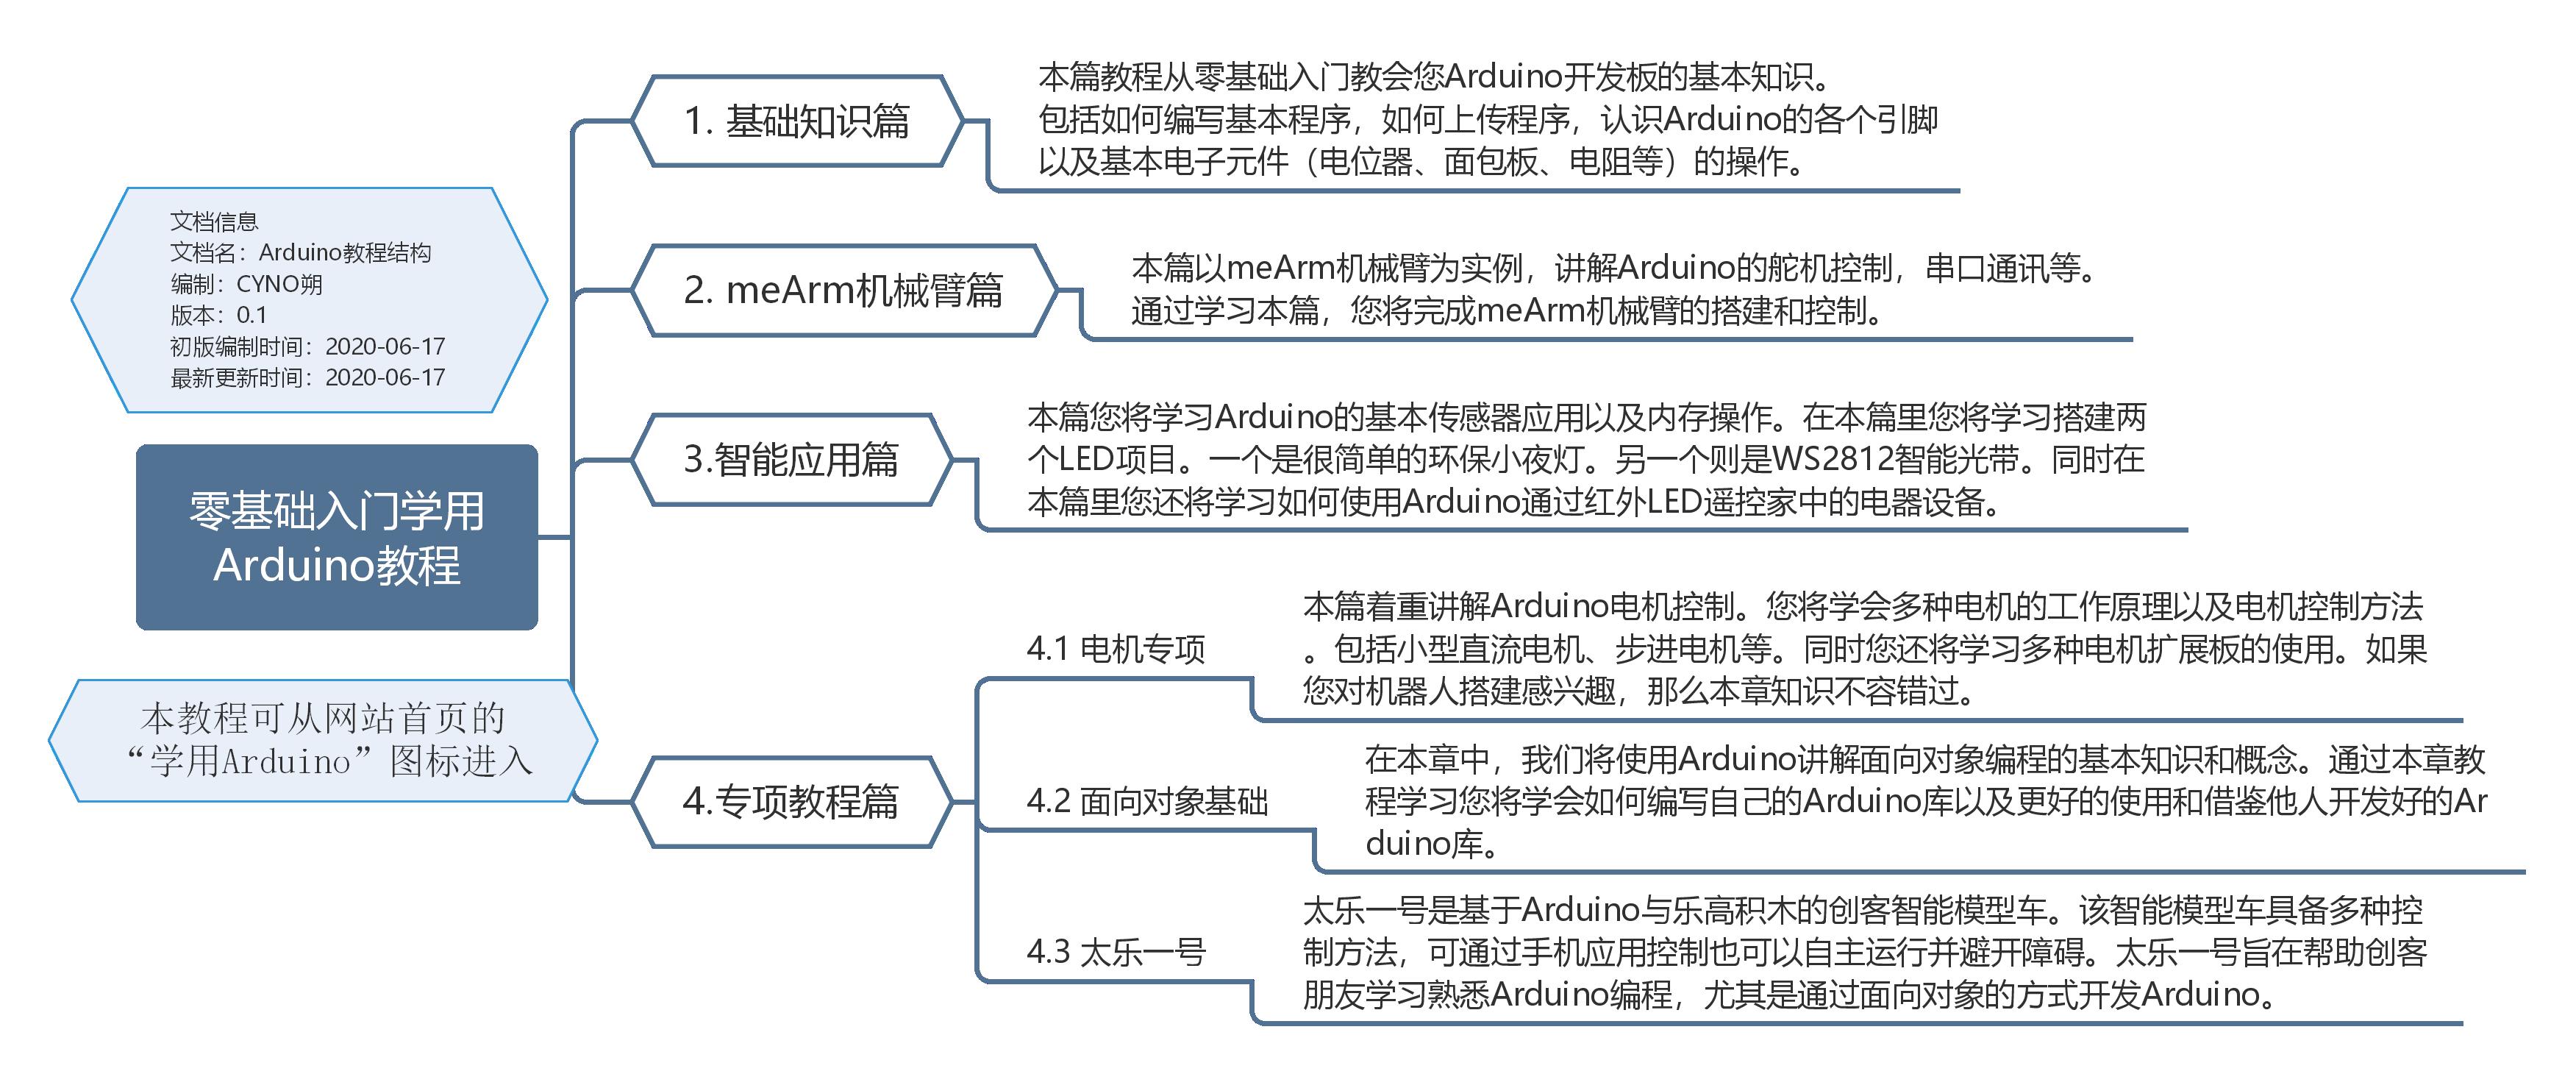 学用Arduino教程结构